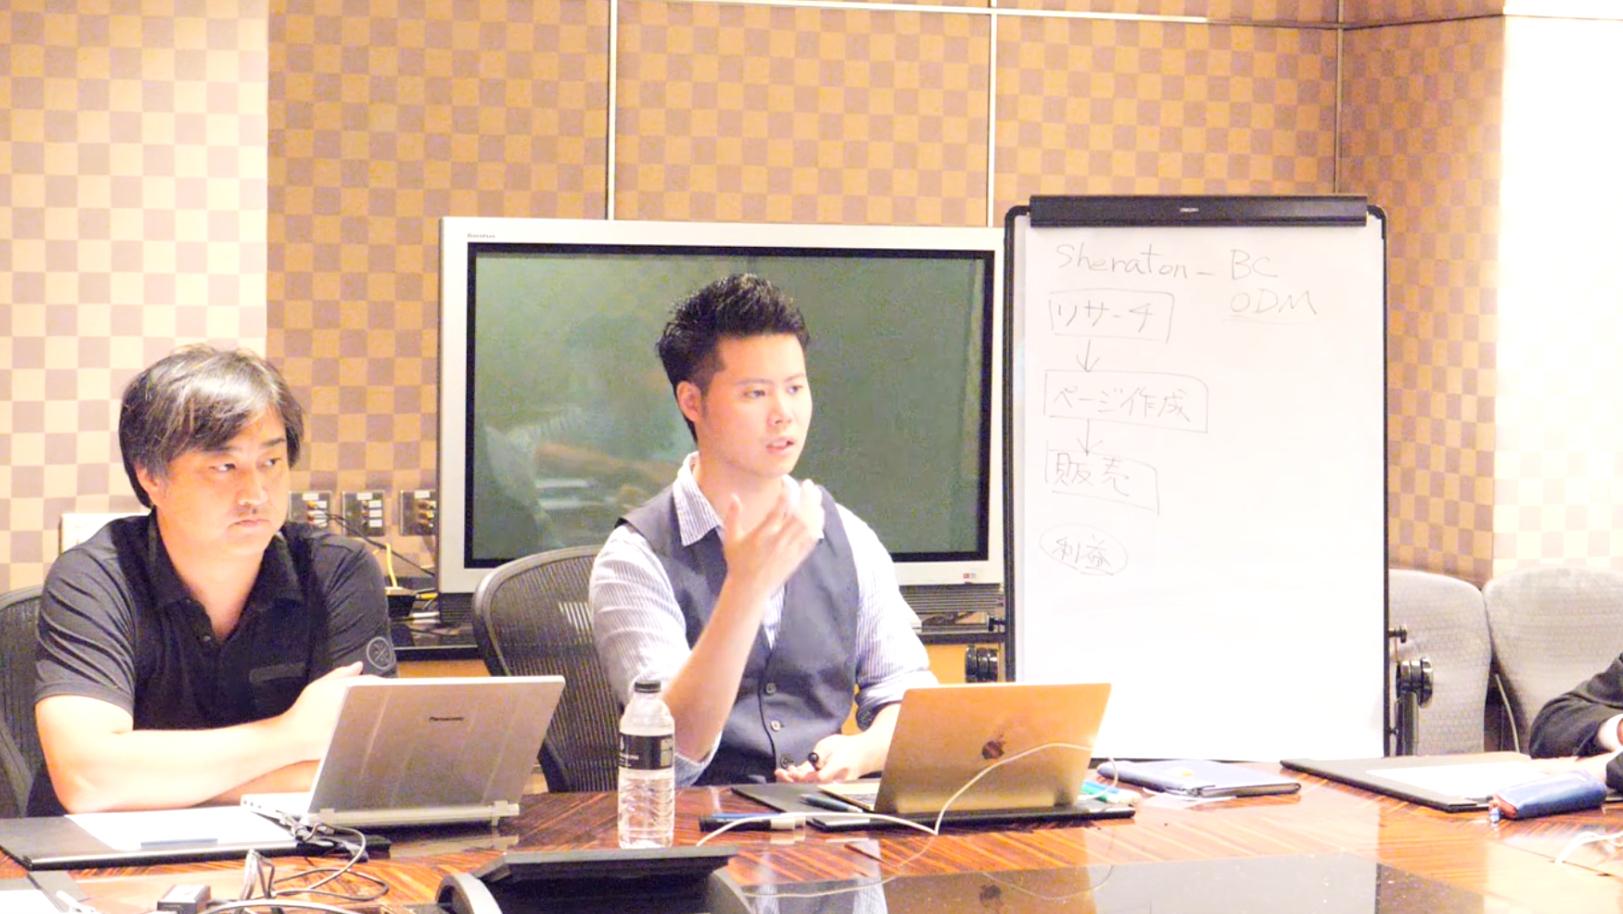 中国輸入OEM・ODMのための香港展示会完全攻略講義